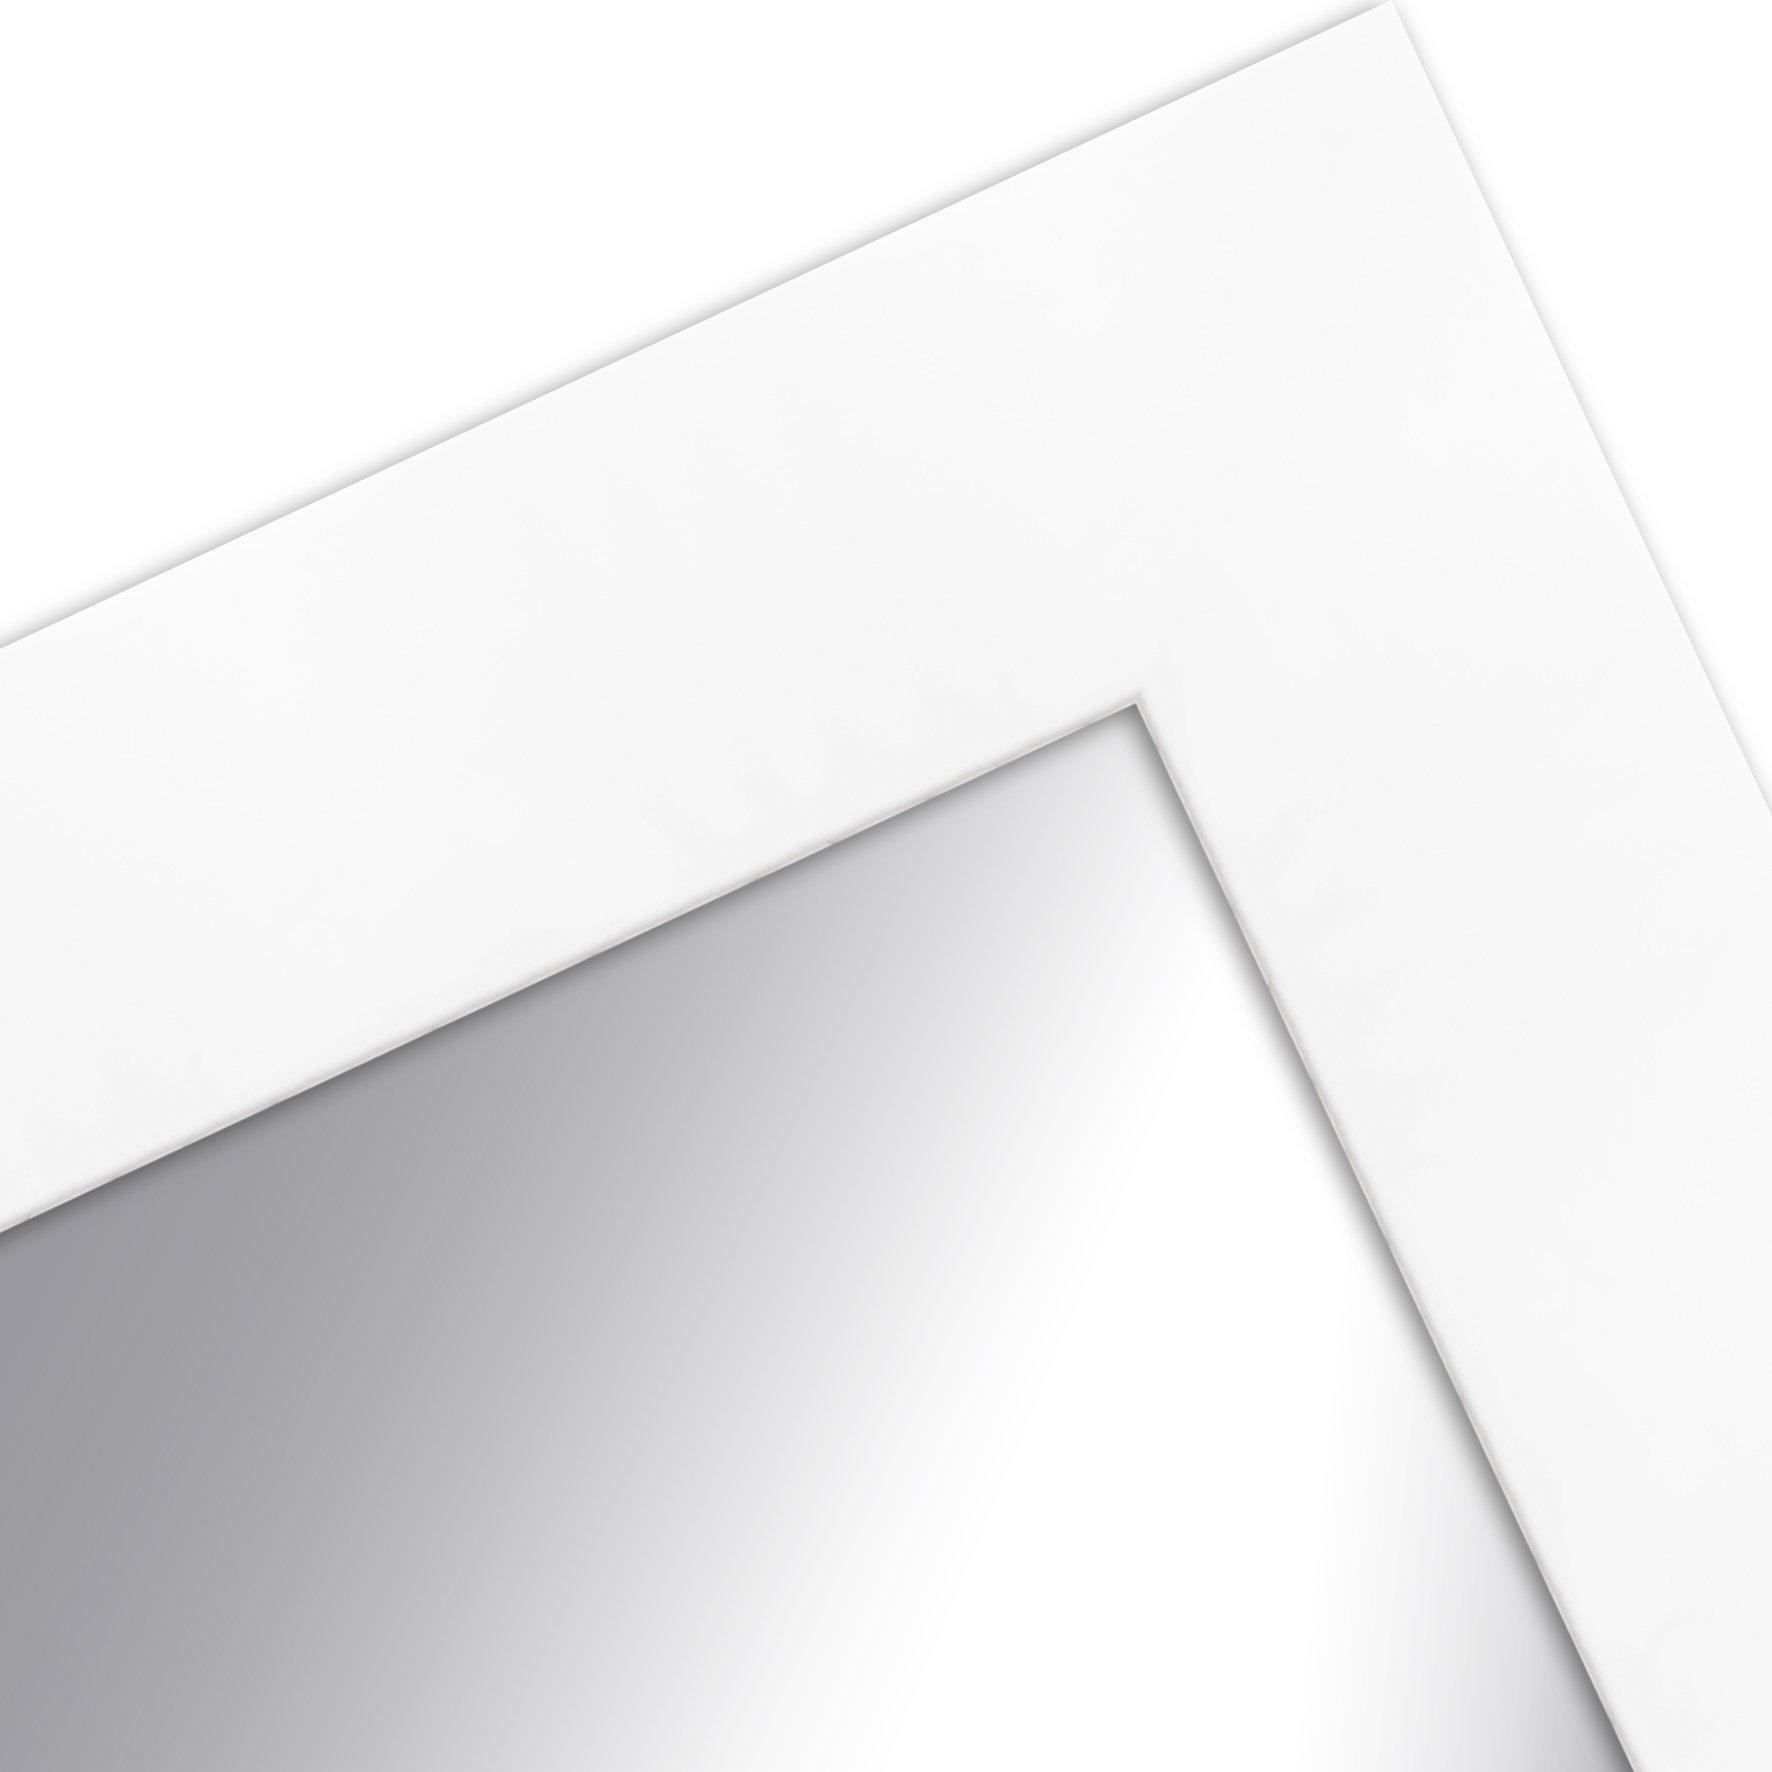 h380 spiegel ma anfertigung klassisch galerie massivholz landhaus spiegel spiegel nach. Black Bedroom Furniture Sets. Home Design Ideas